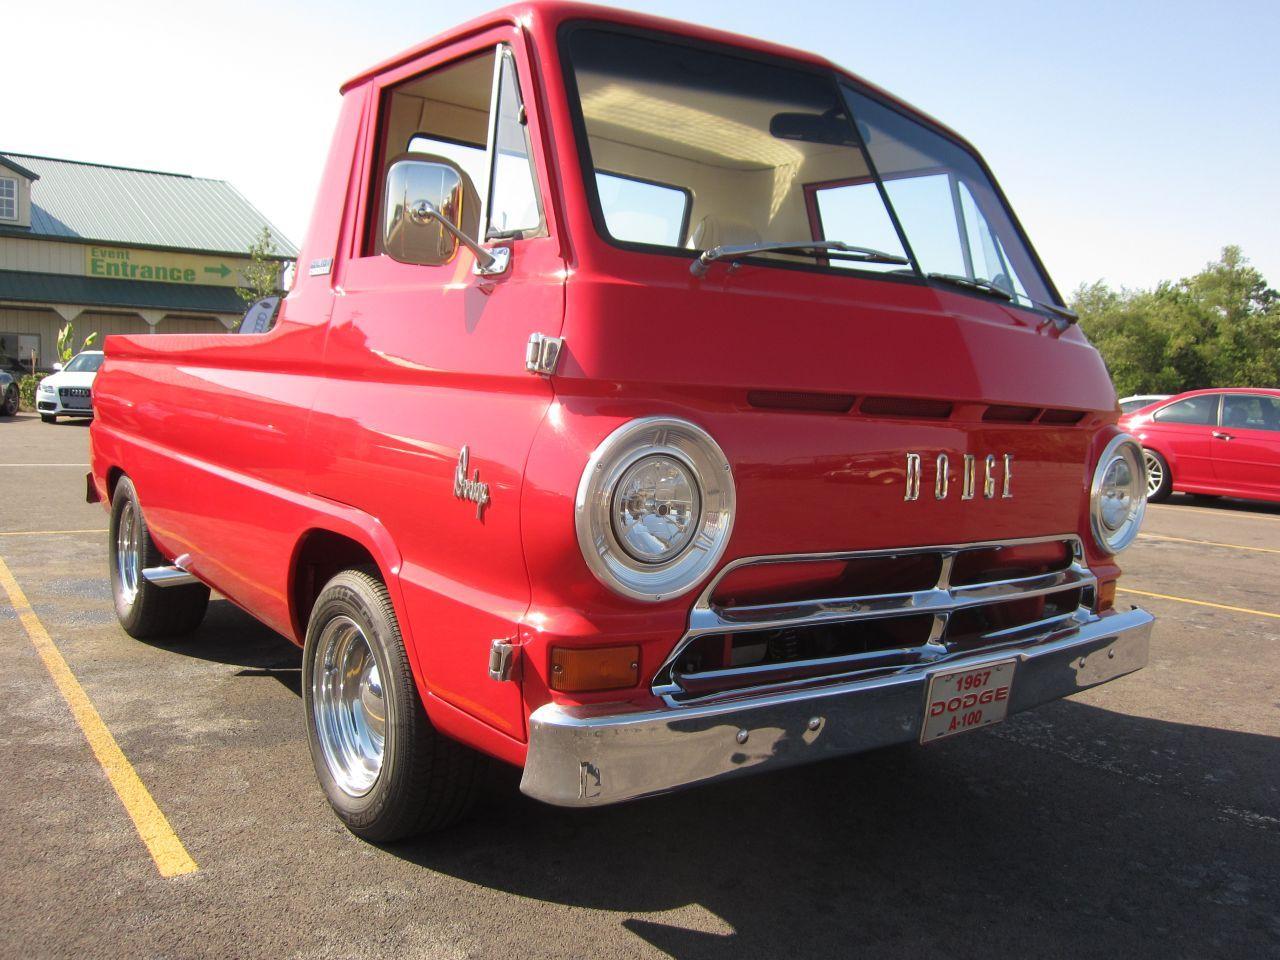 Dodge a 100 classic cars vintage race cars rat rods and hot rods dodge a 100 dodge pickupdodge ram trucksjeep publicscrutiny Images